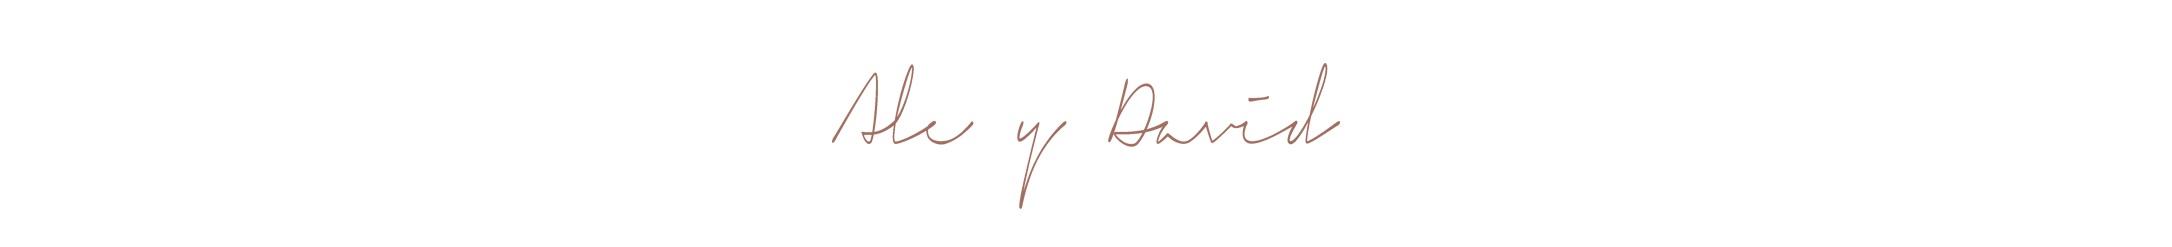 ale+y+david+marron.jpg